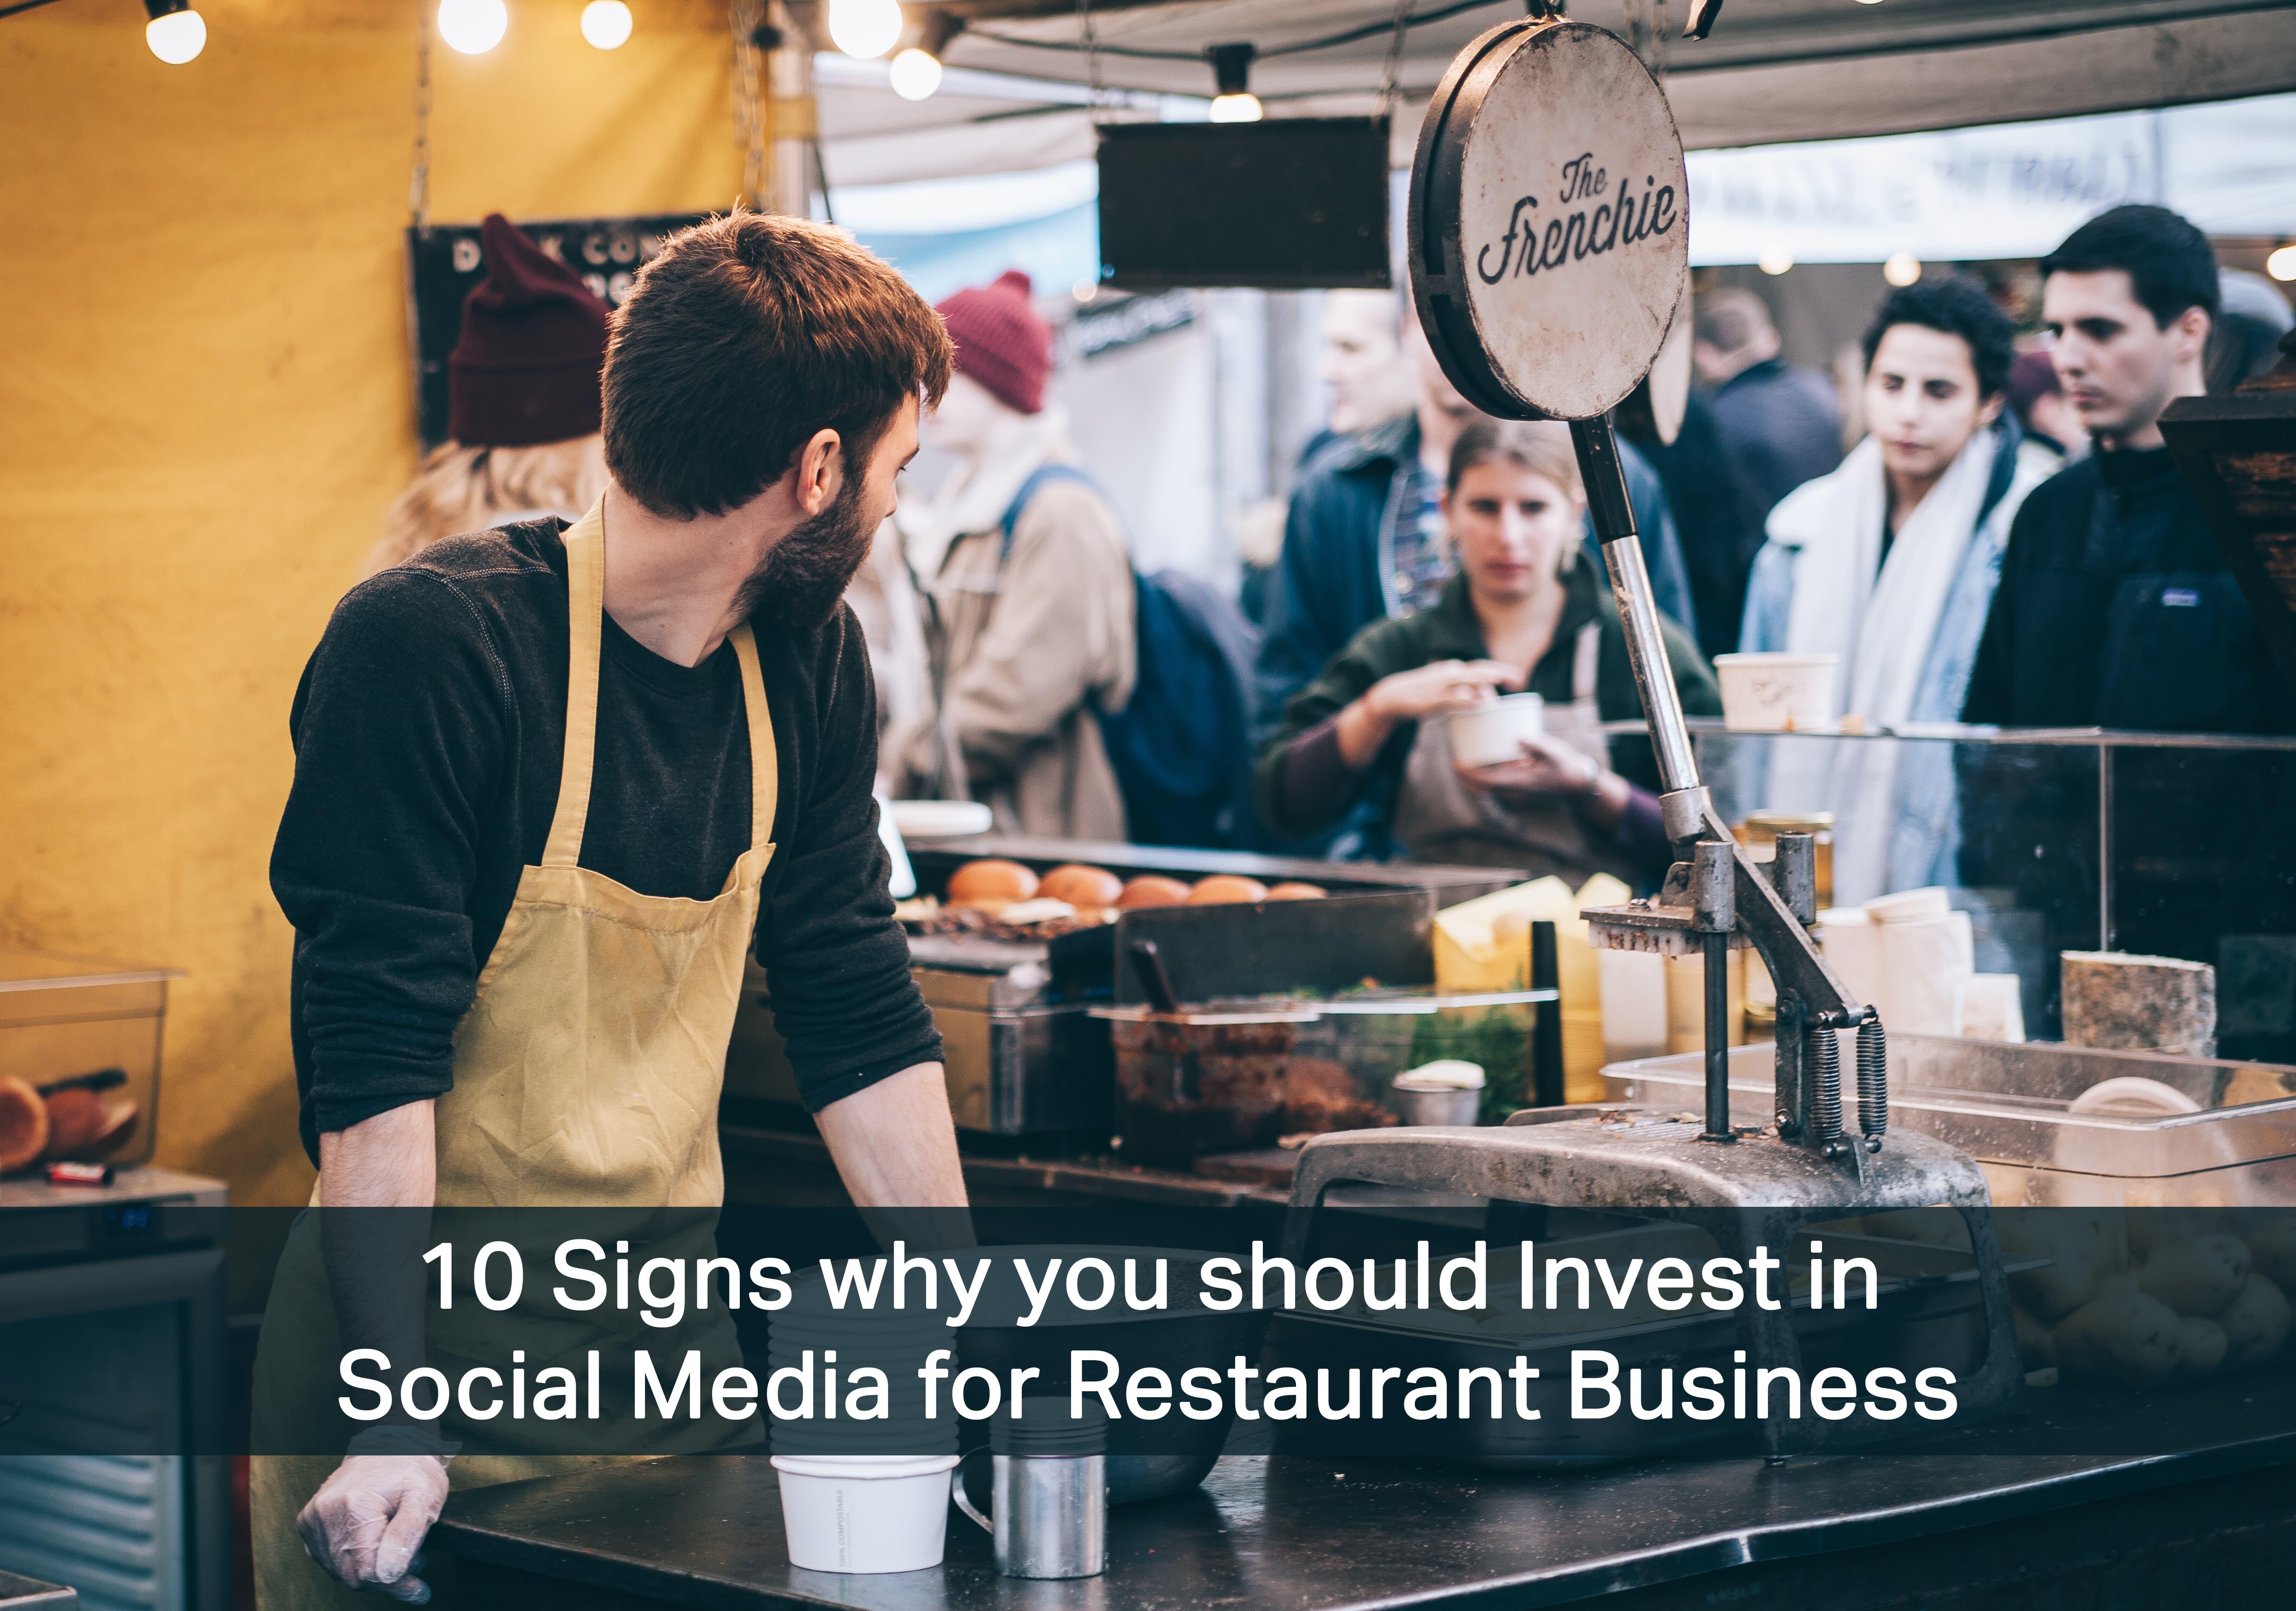 Social Media for Restaurant Business